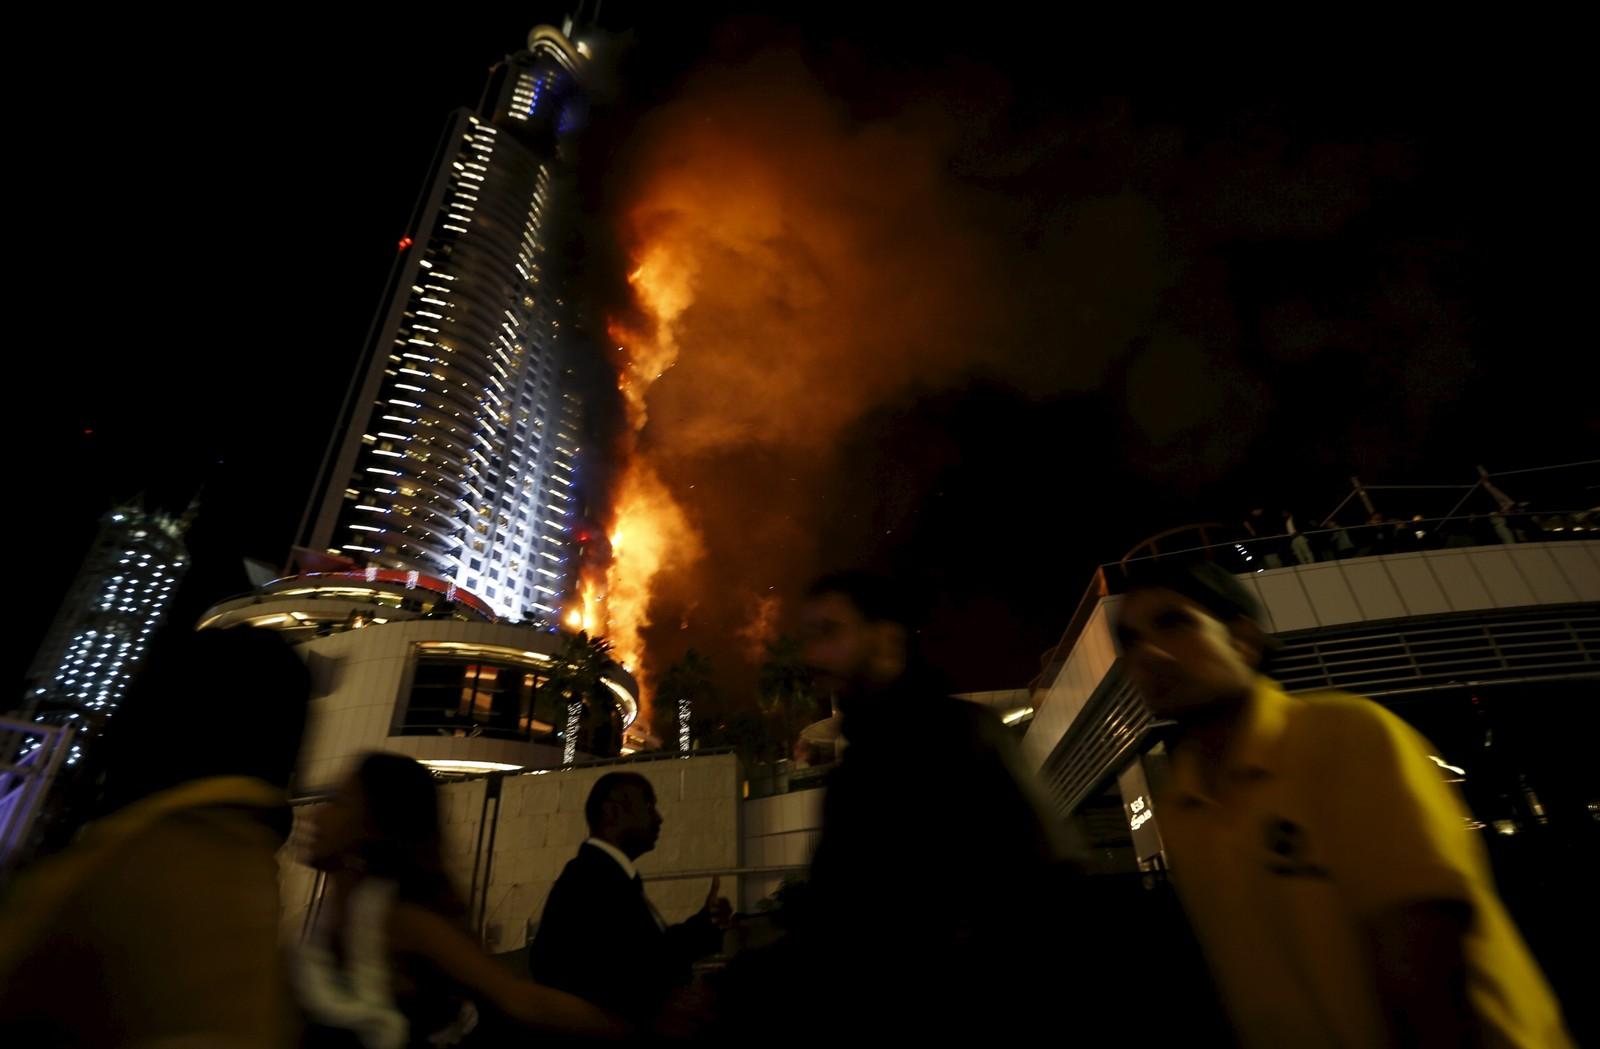 Folk løper bort fra det brennende Address Hotel i Dubai sentrum nyttårsaften.